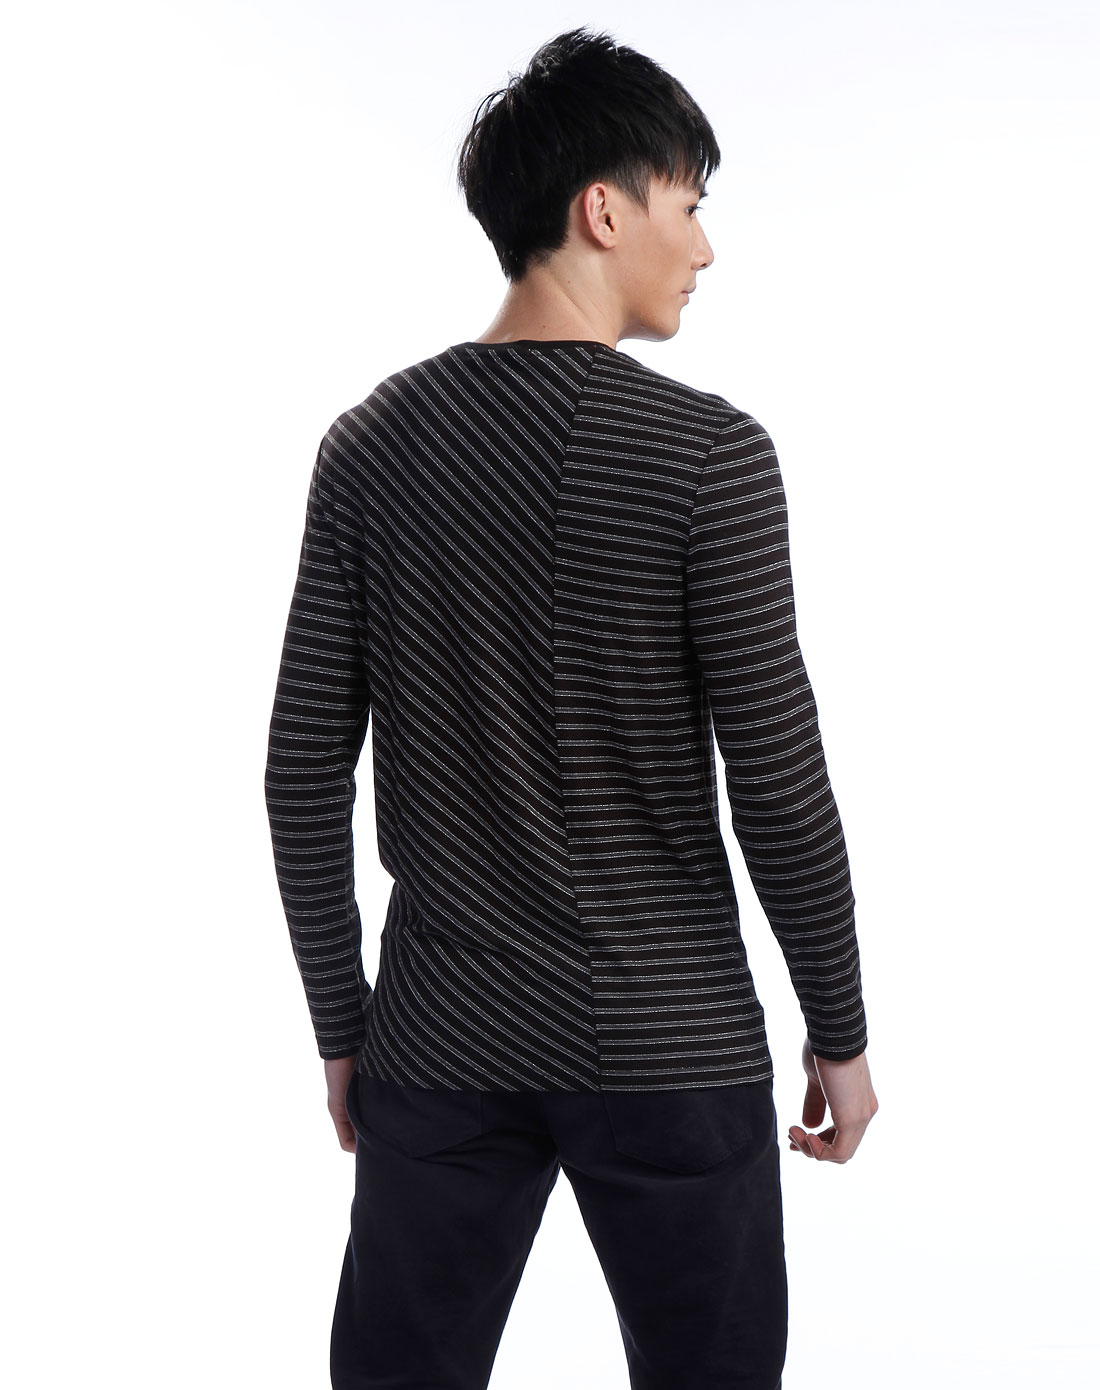 one黑/深灰色条纹长袖t恤